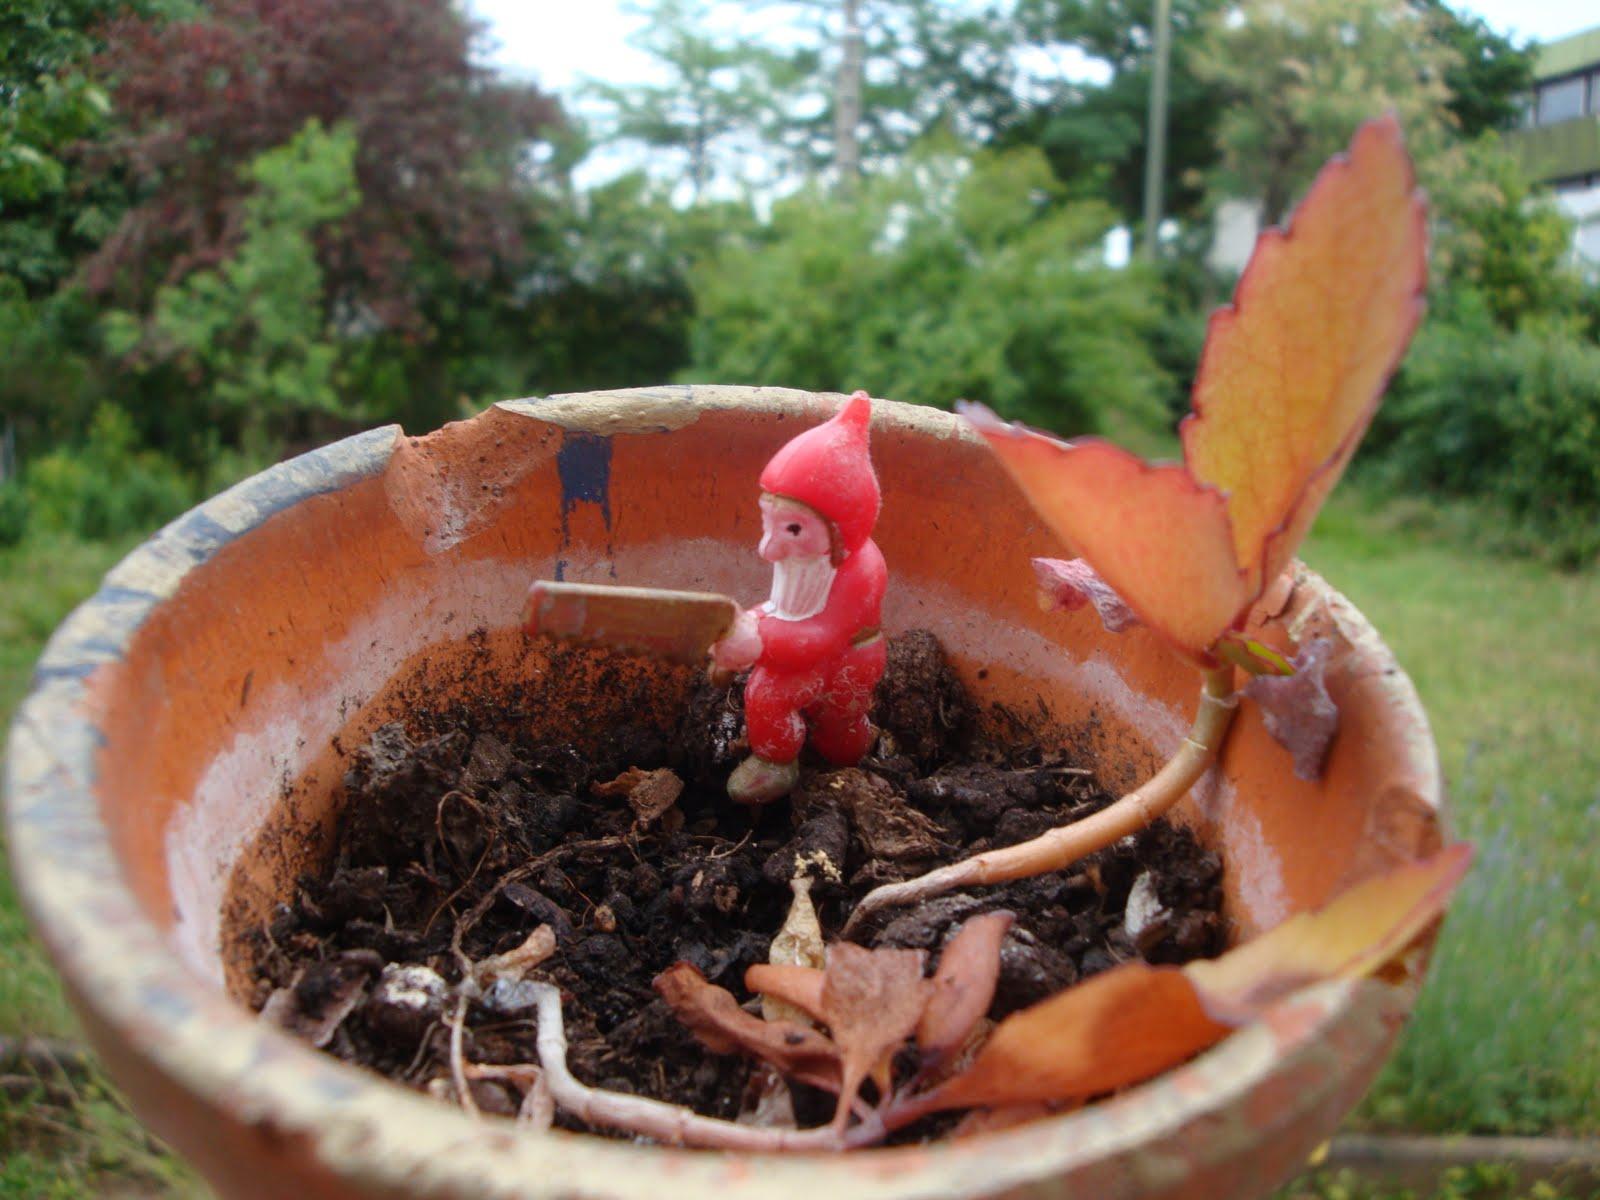 Oui mes moi journal de mes minorit s mes nains de jardin for Jardin 5 juillet biskra